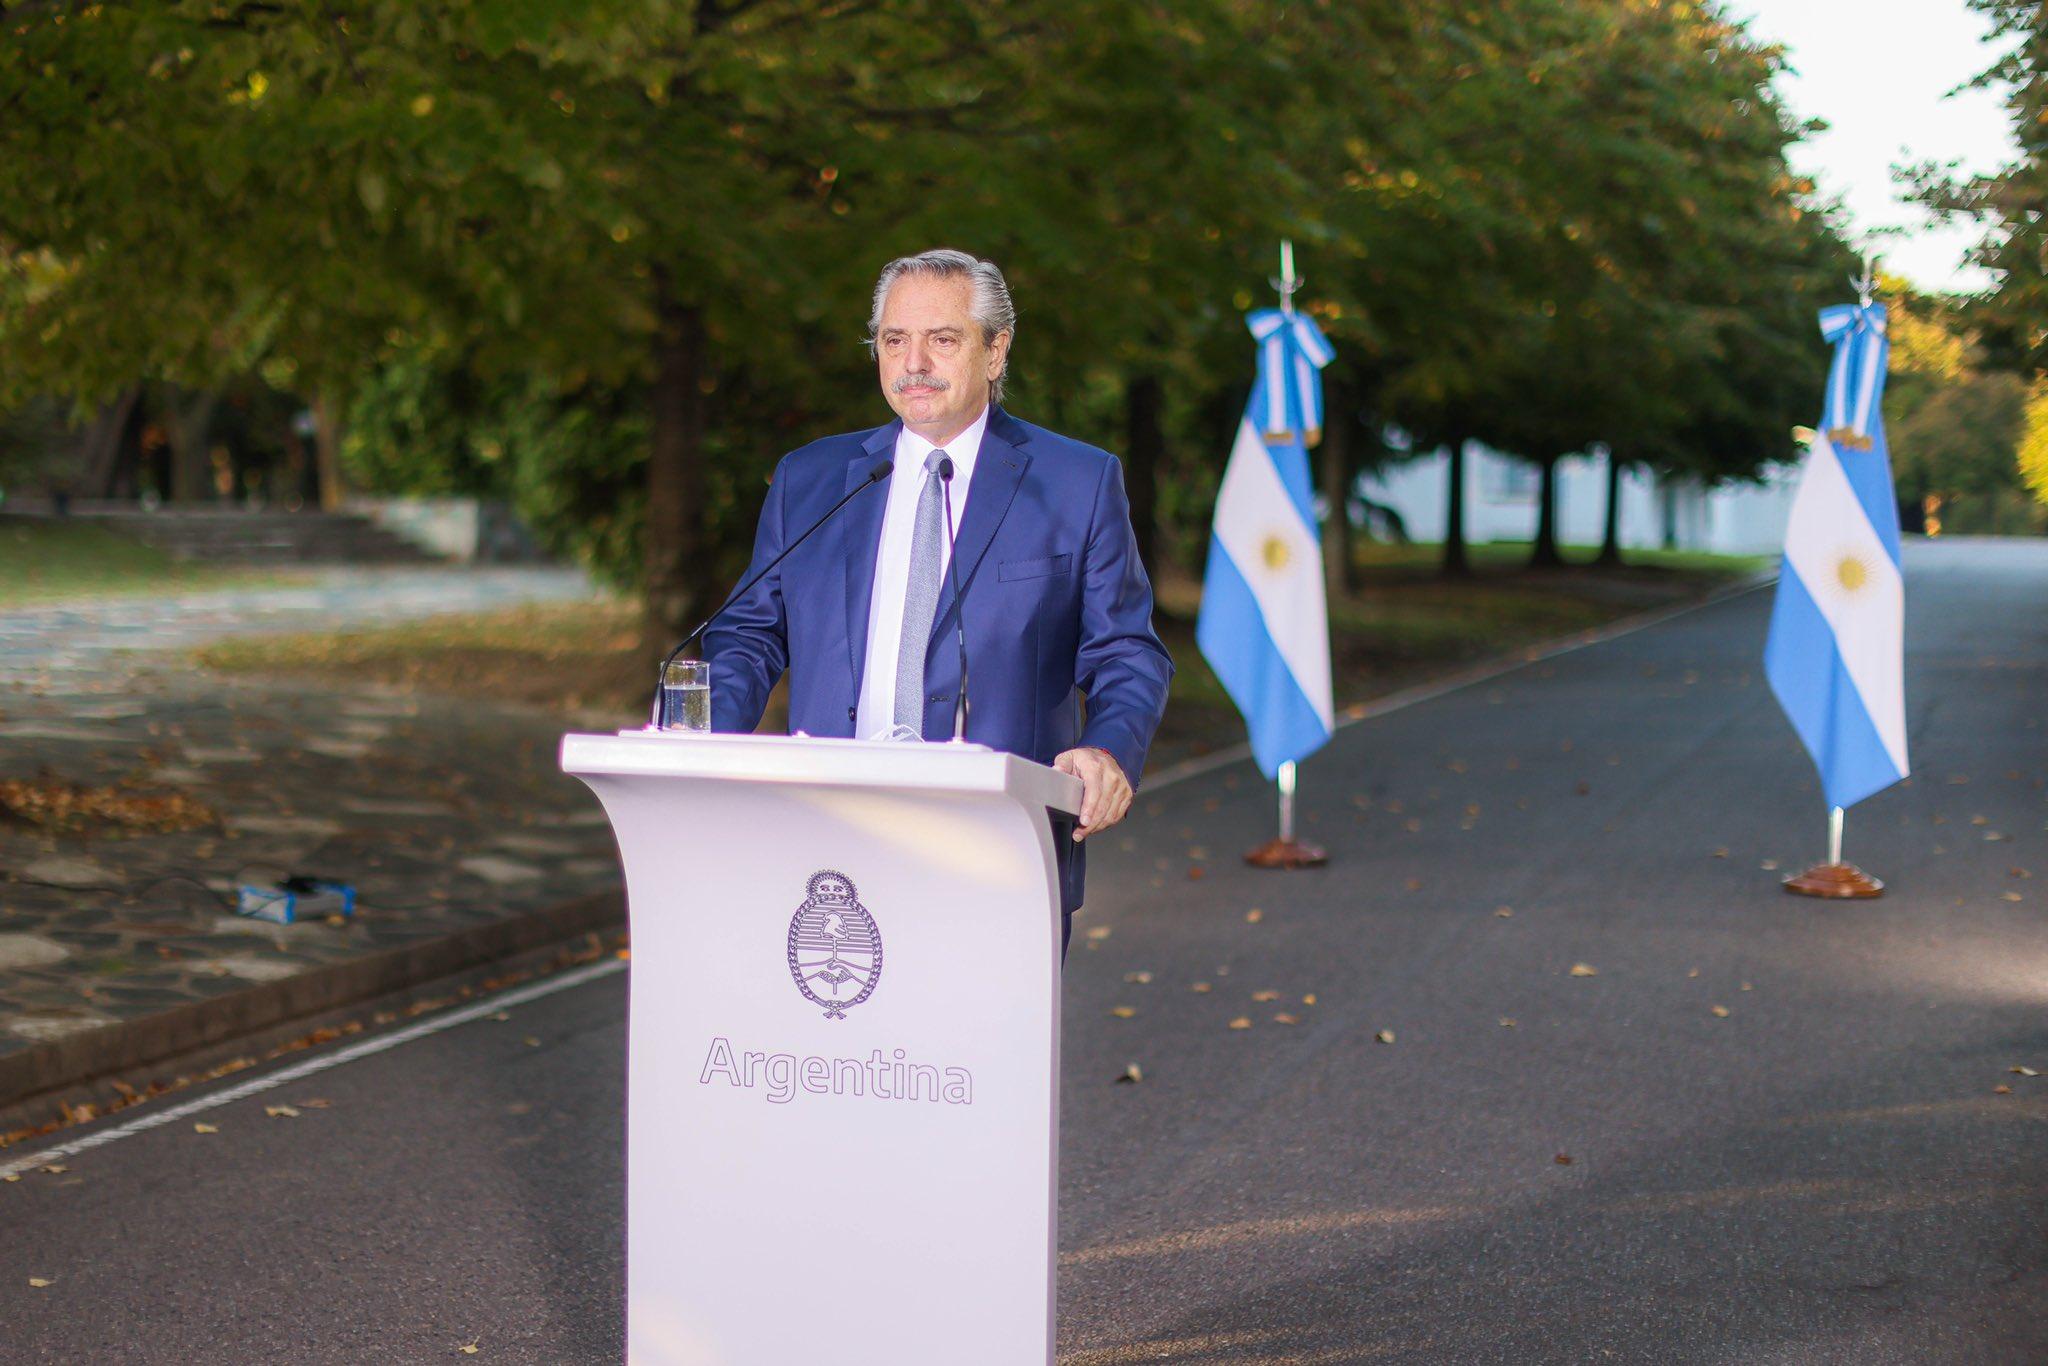 Легко переболевший ковидом президент Аргентины объяснил это